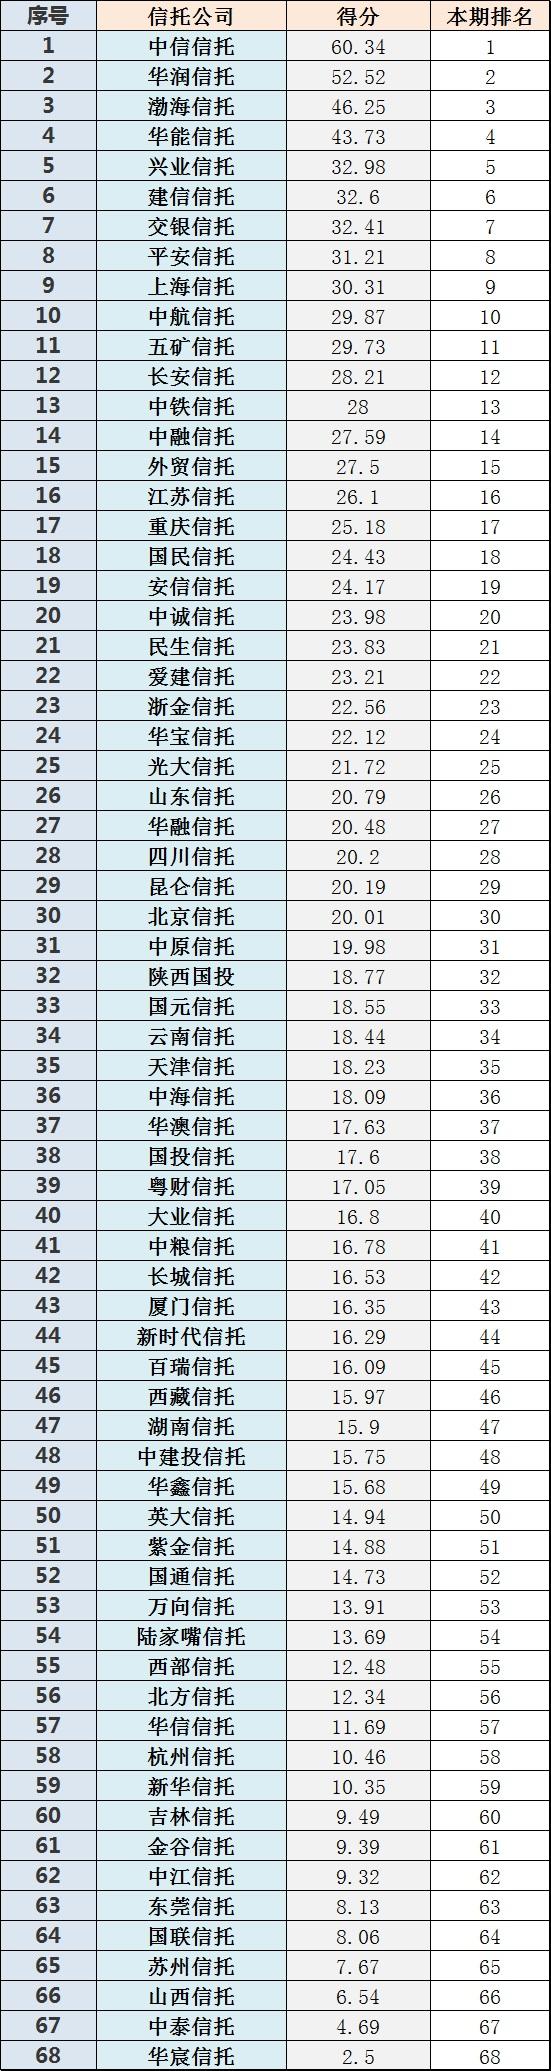 2018年最新68家信托公司业务能力排名